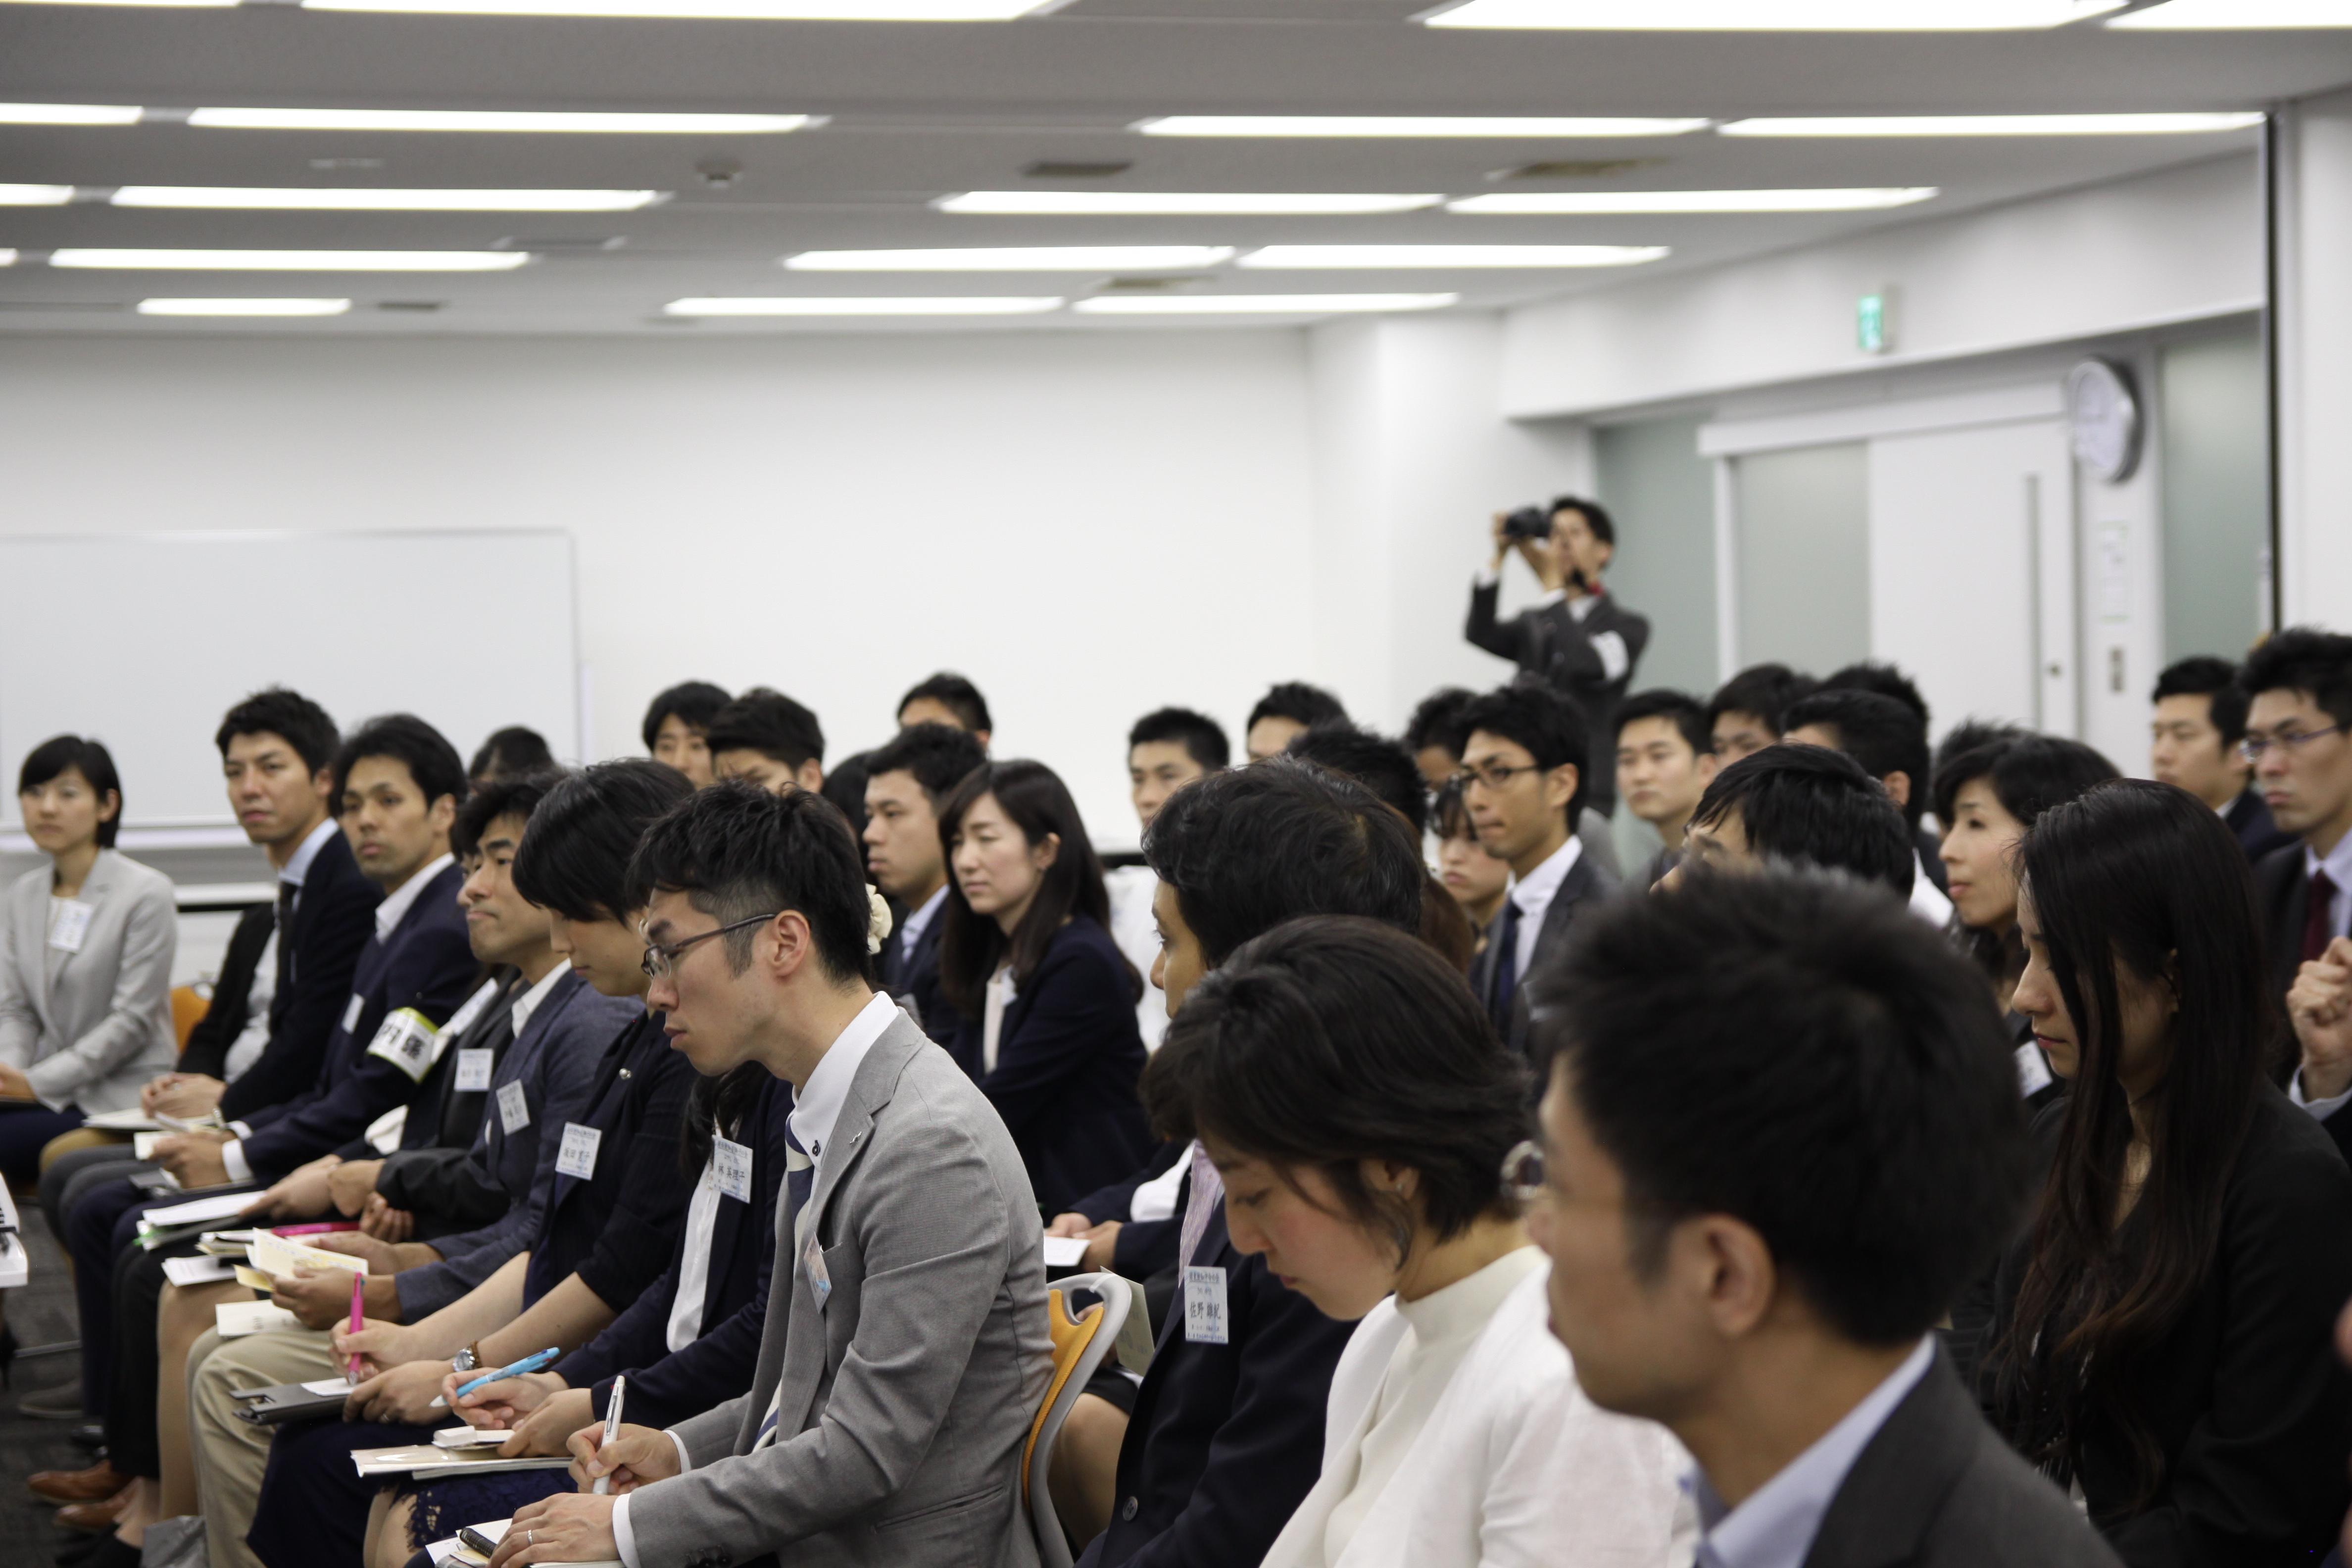 IMG 4577 - 関東若獅子の会、記念すべき第100回